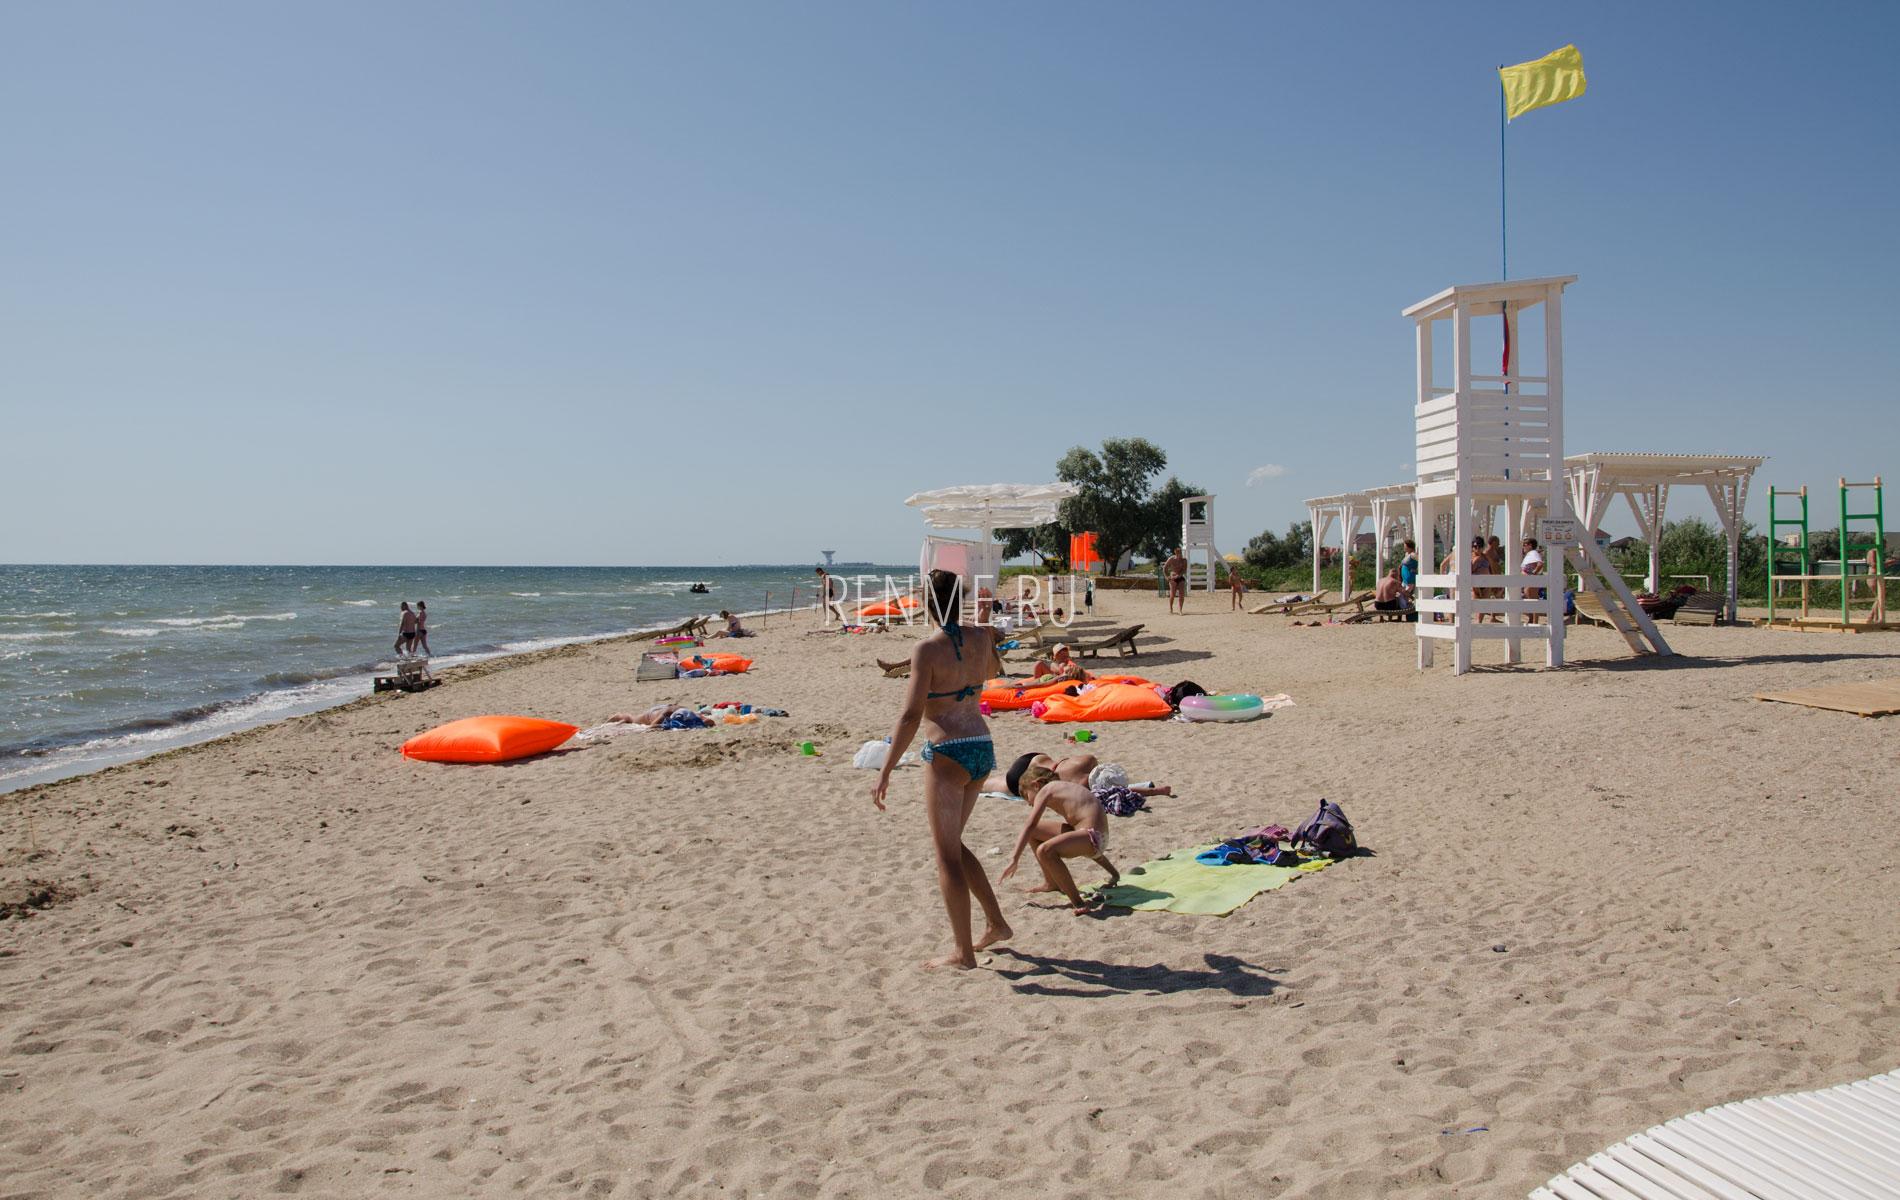 Июльский песчаный пляж в Заозёрном . Фото Заозёрного